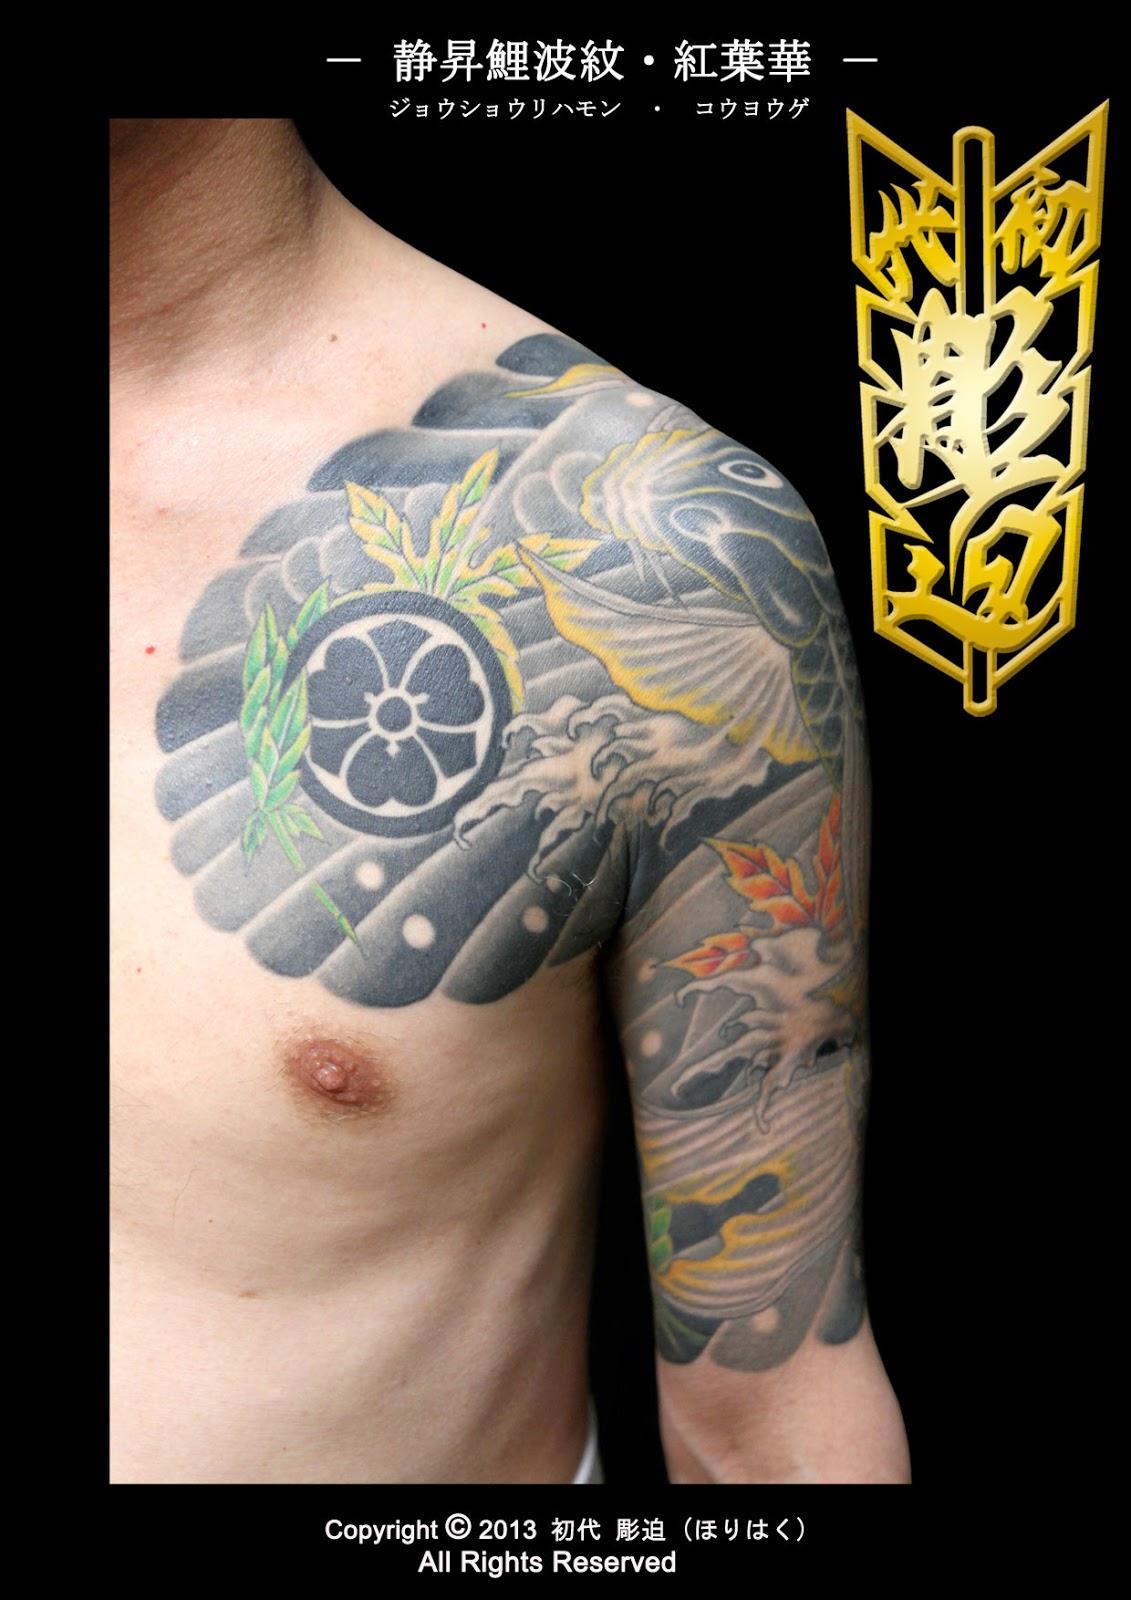 刺青,鯉,紅葉,家紋,刺青画像,和彫り,額彫り,tattoo画像,タトゥーデザイン,刺青デザイン,タトゥースタジオ